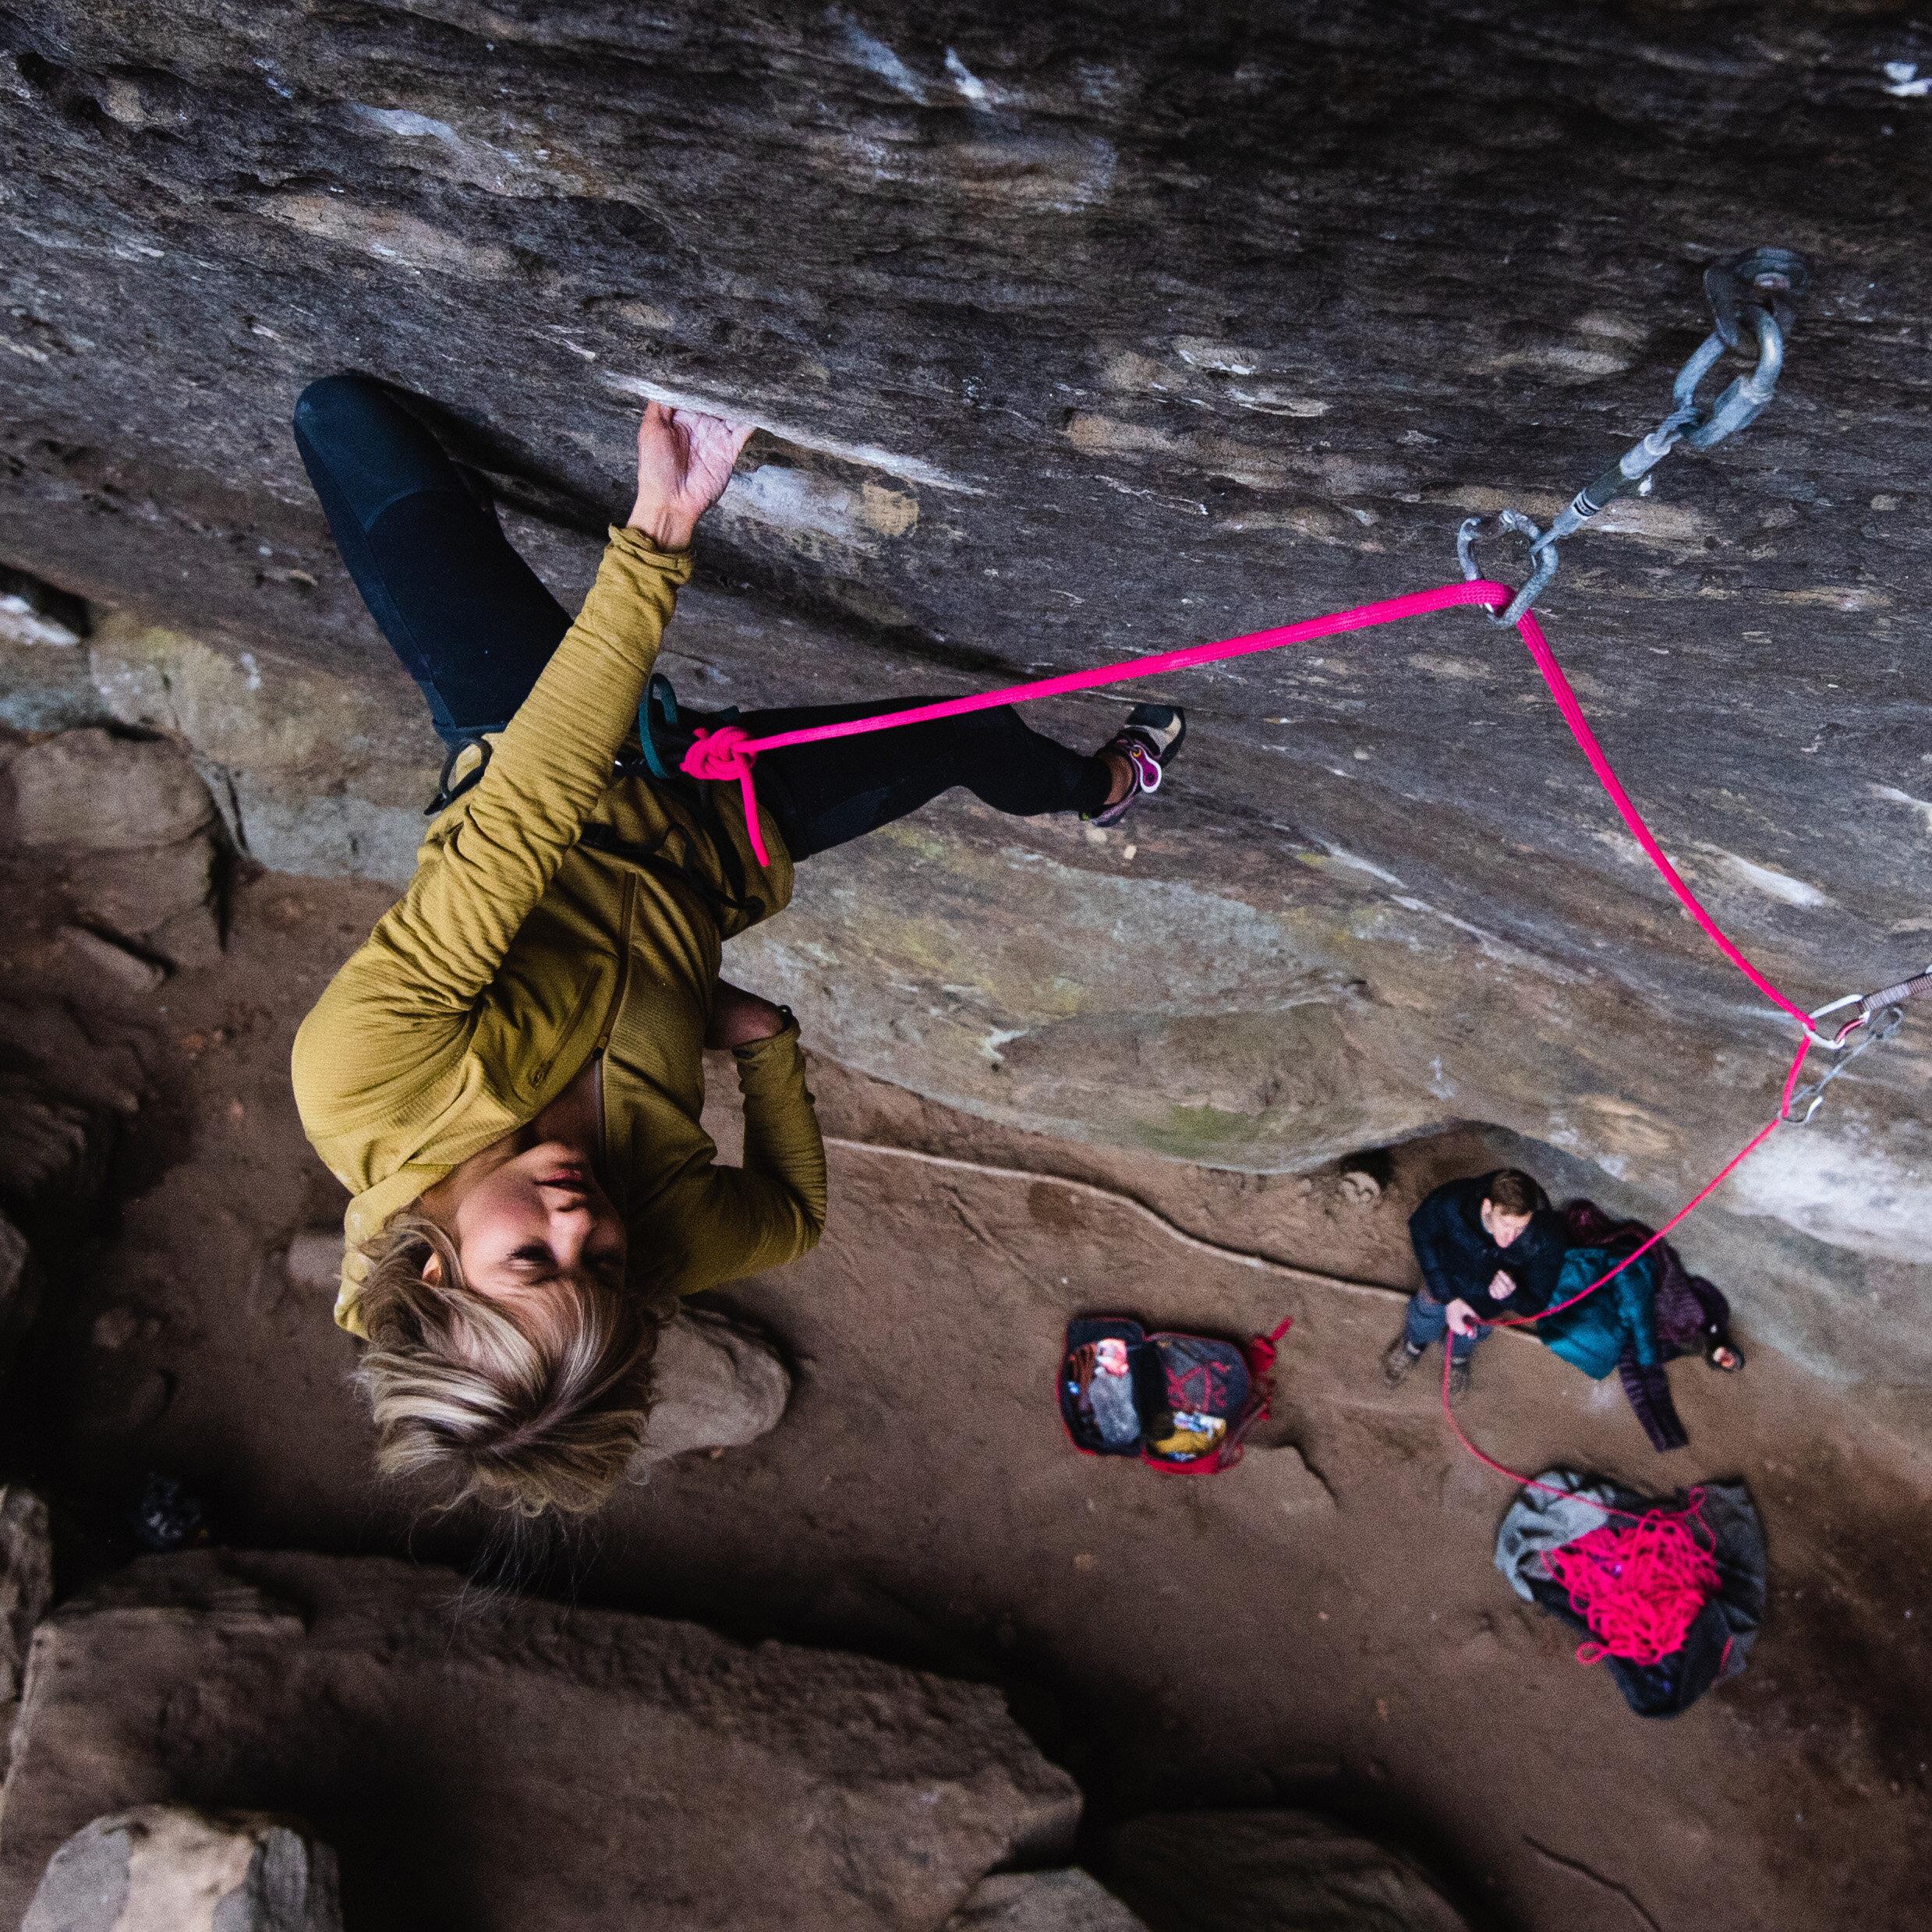 Anna Liina Laitinen - Maailman kallioita ja kilpailuja ammattilaisena kiertävän Anna Liina Laitisen kiipeilysaavutusten lista pitää sisällään mm. ensimmäisen suomalaisen naiskiipeilijän 8B flash boulderin. Köydellä Laitinen on ollut ensimmäinen suomalainen nainen, joka on kiivennyt 8c+ reitin sekä 8b vaikeustason onsightin. Laitinen kertoo elämästään ammattilaisena sekä vie kuuntelijan matkalle maailman parhaisiin kiipeilykohteisiin.